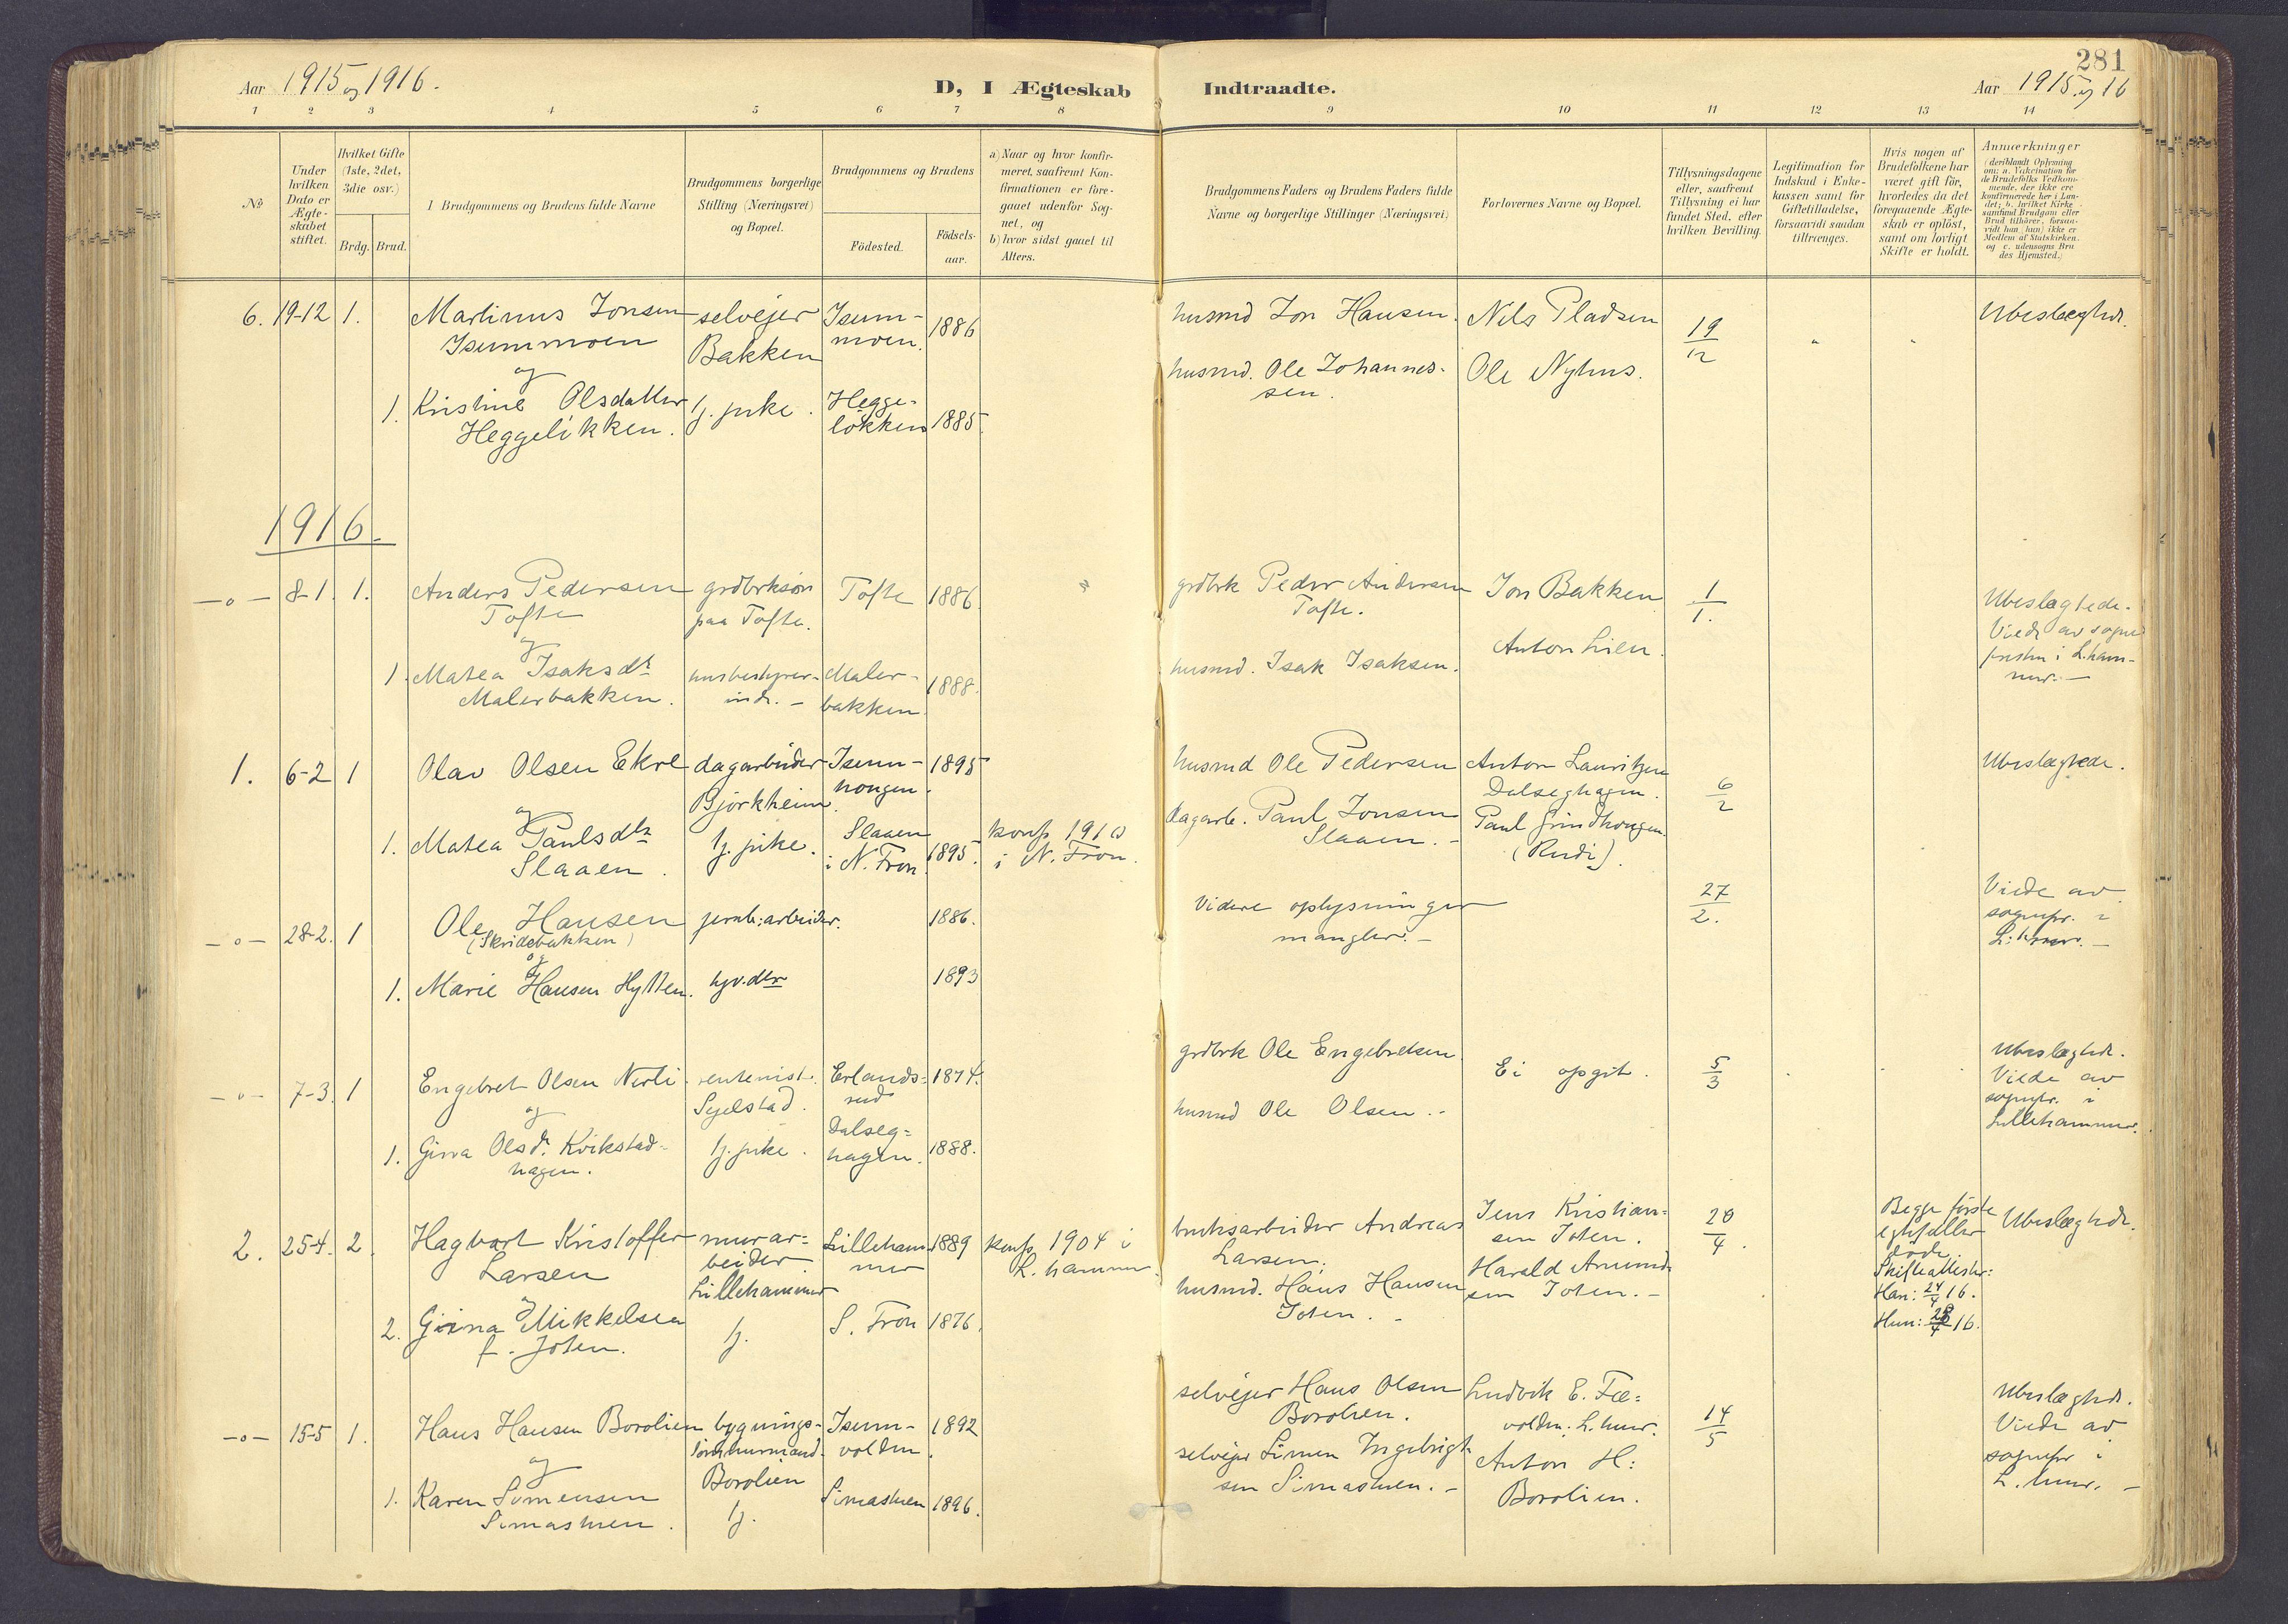 SAH, Sør-Fron prestekontor, H/Ha/Haa/L0004: Parish register (official) no. 4, 1898-1919, p. 281